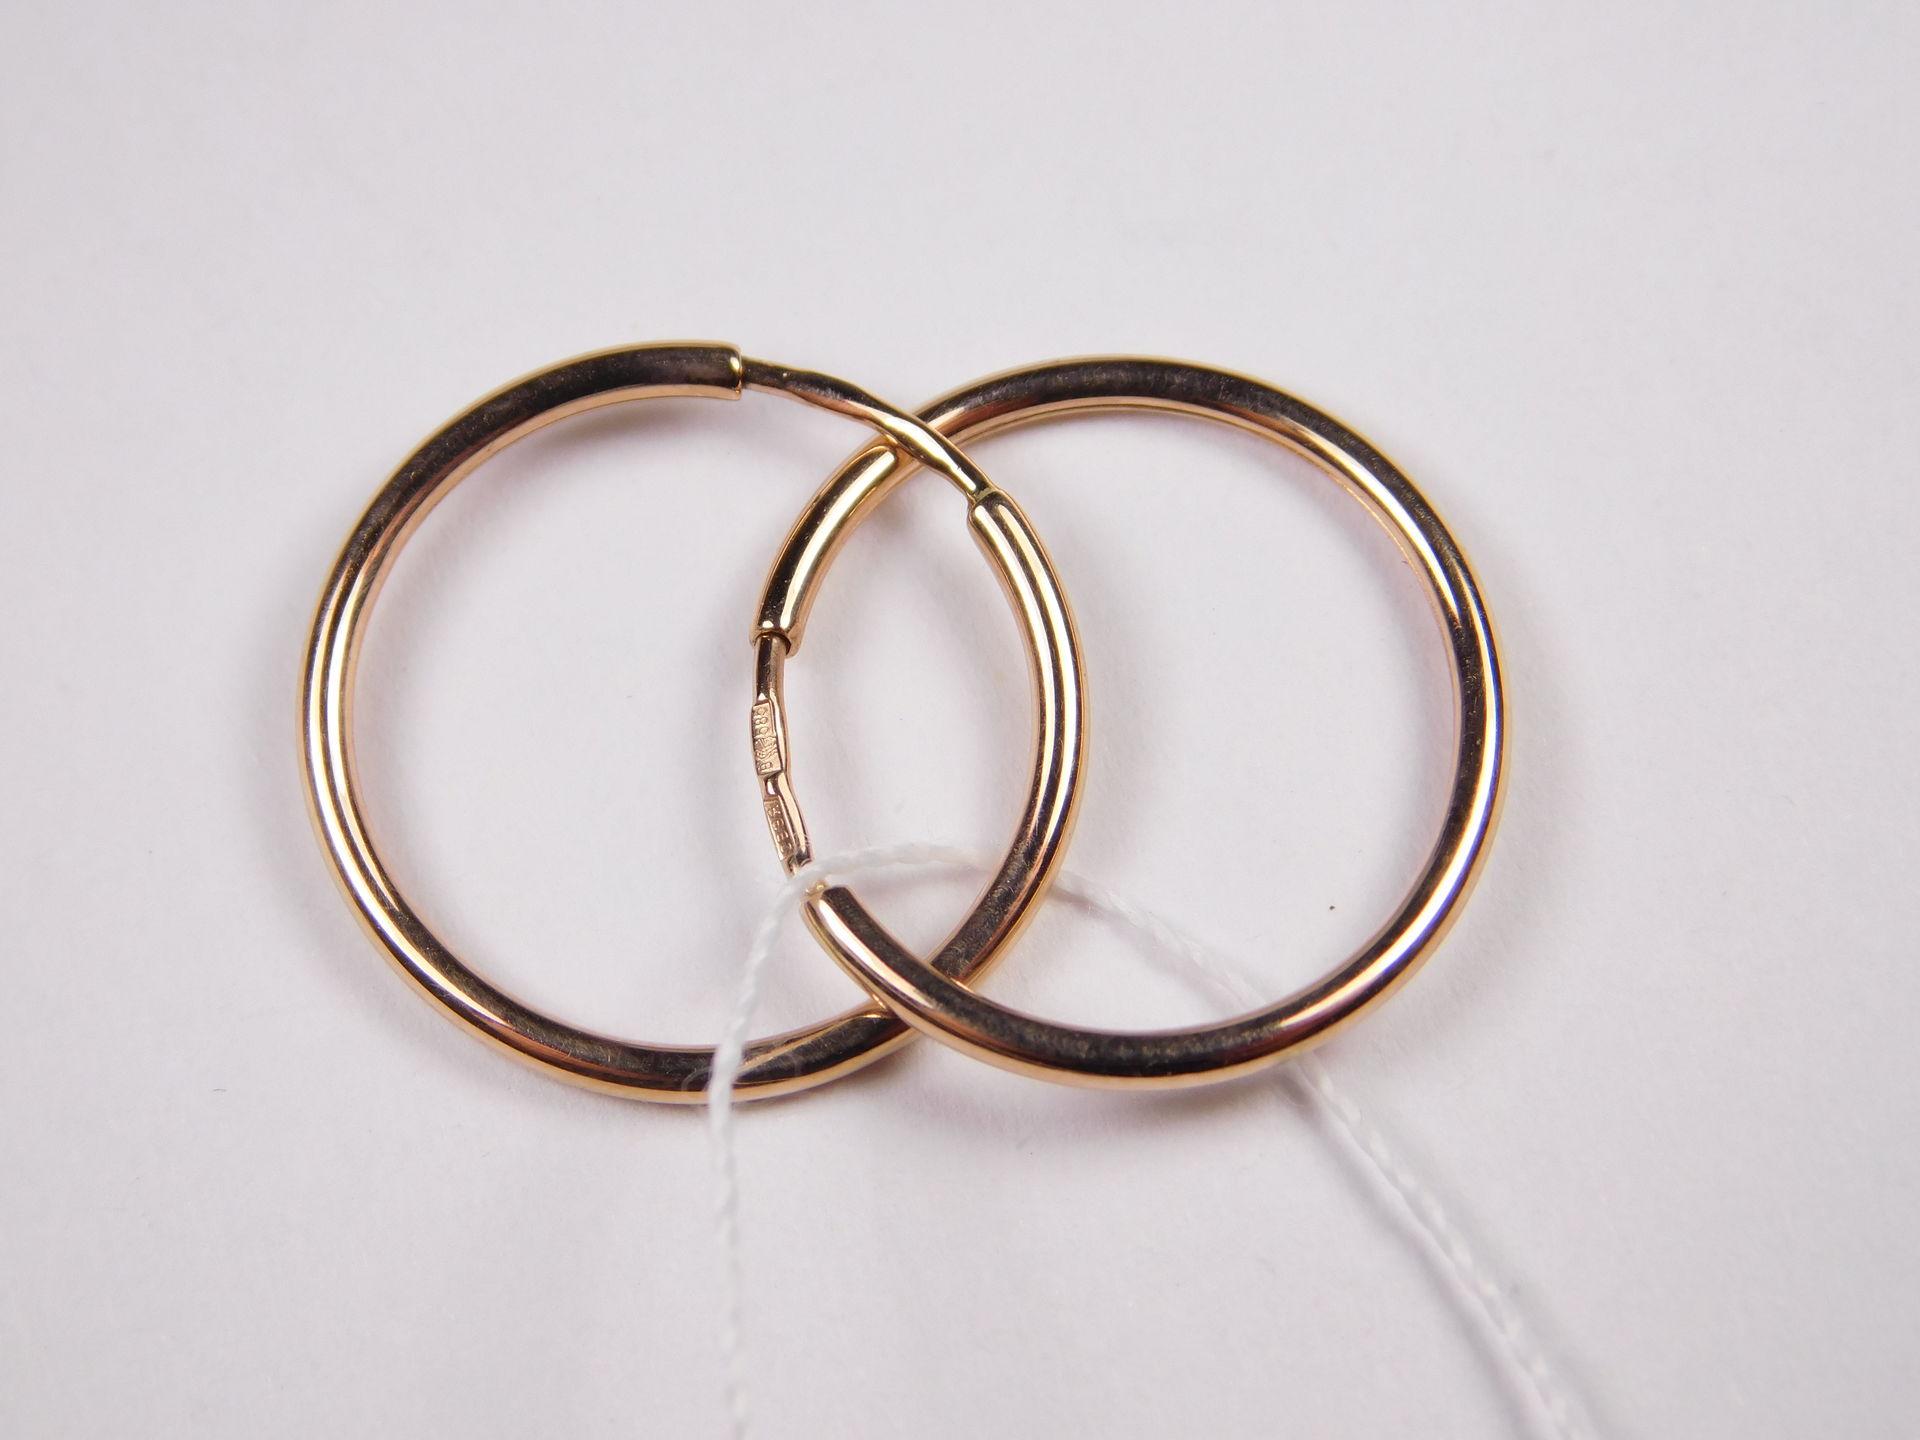 2 тренд - серьги конго и кольца фото 1